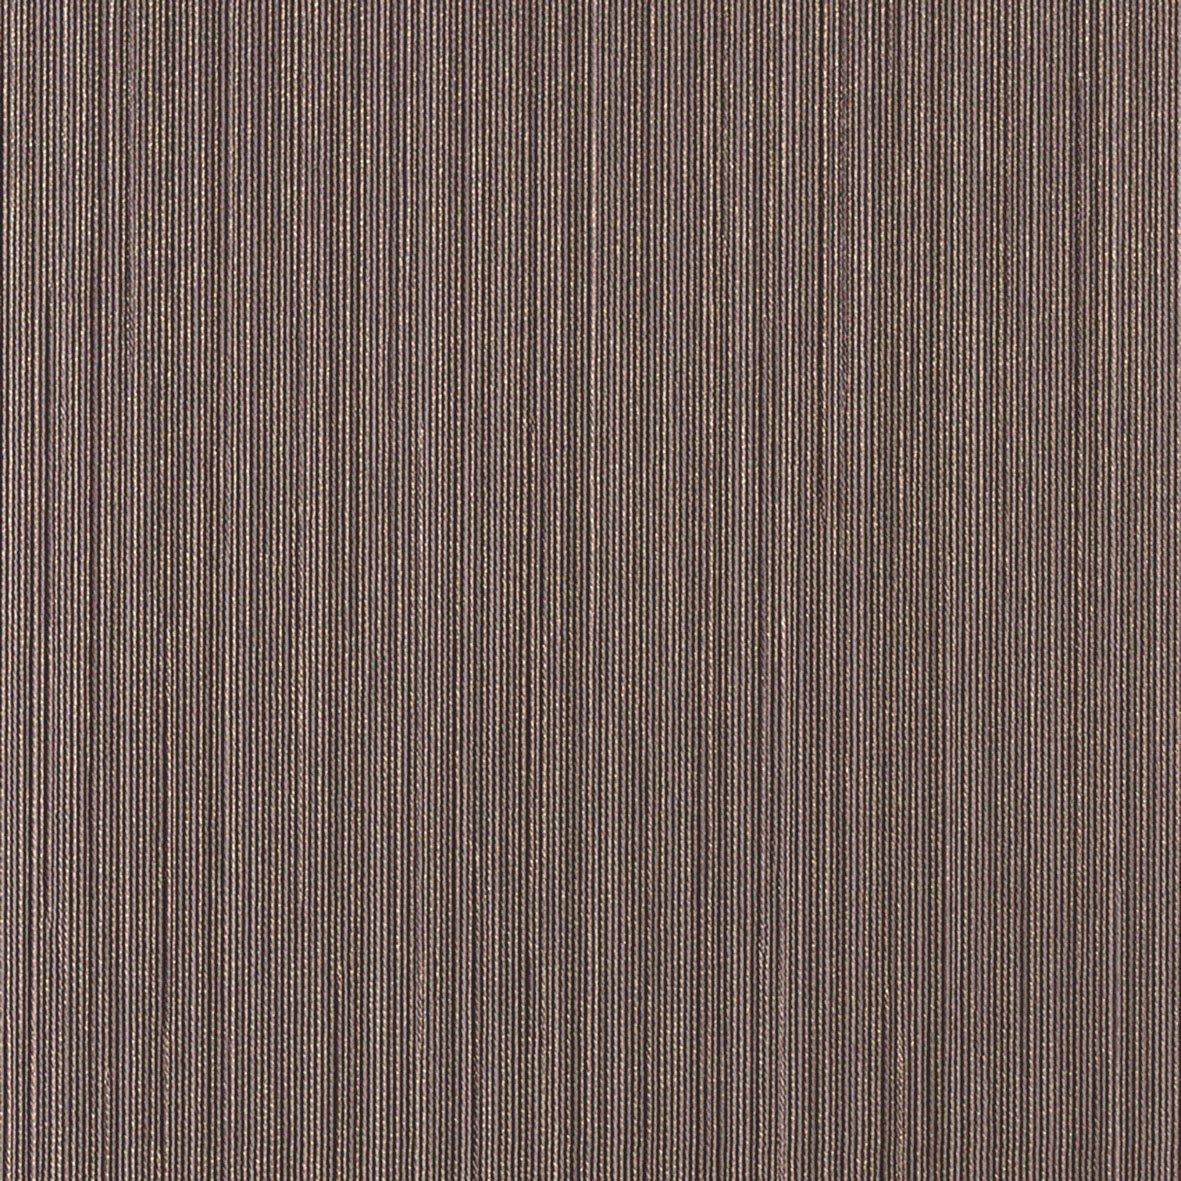 リリカラ 壁紙21m シック ストライプ ブラウン タフクリーン LV-6017 B01IHPHNMM 21m|ブラウン